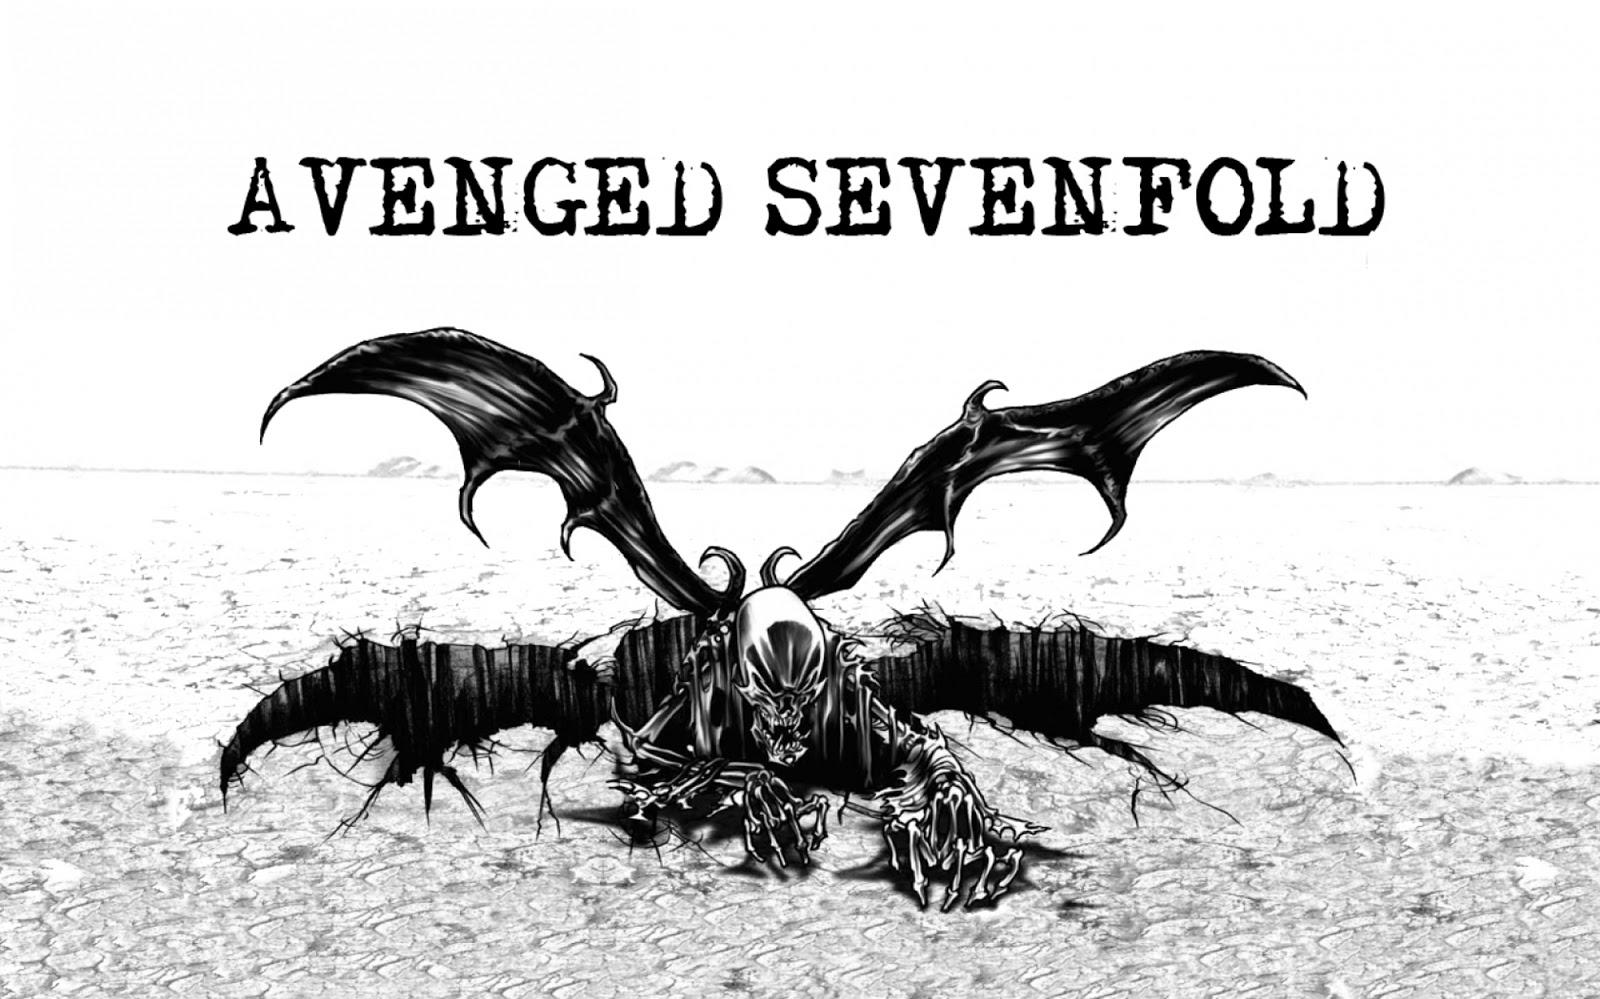 avenged sevenfold wallpaper avenged sevenfold pictures avenged 1600x999